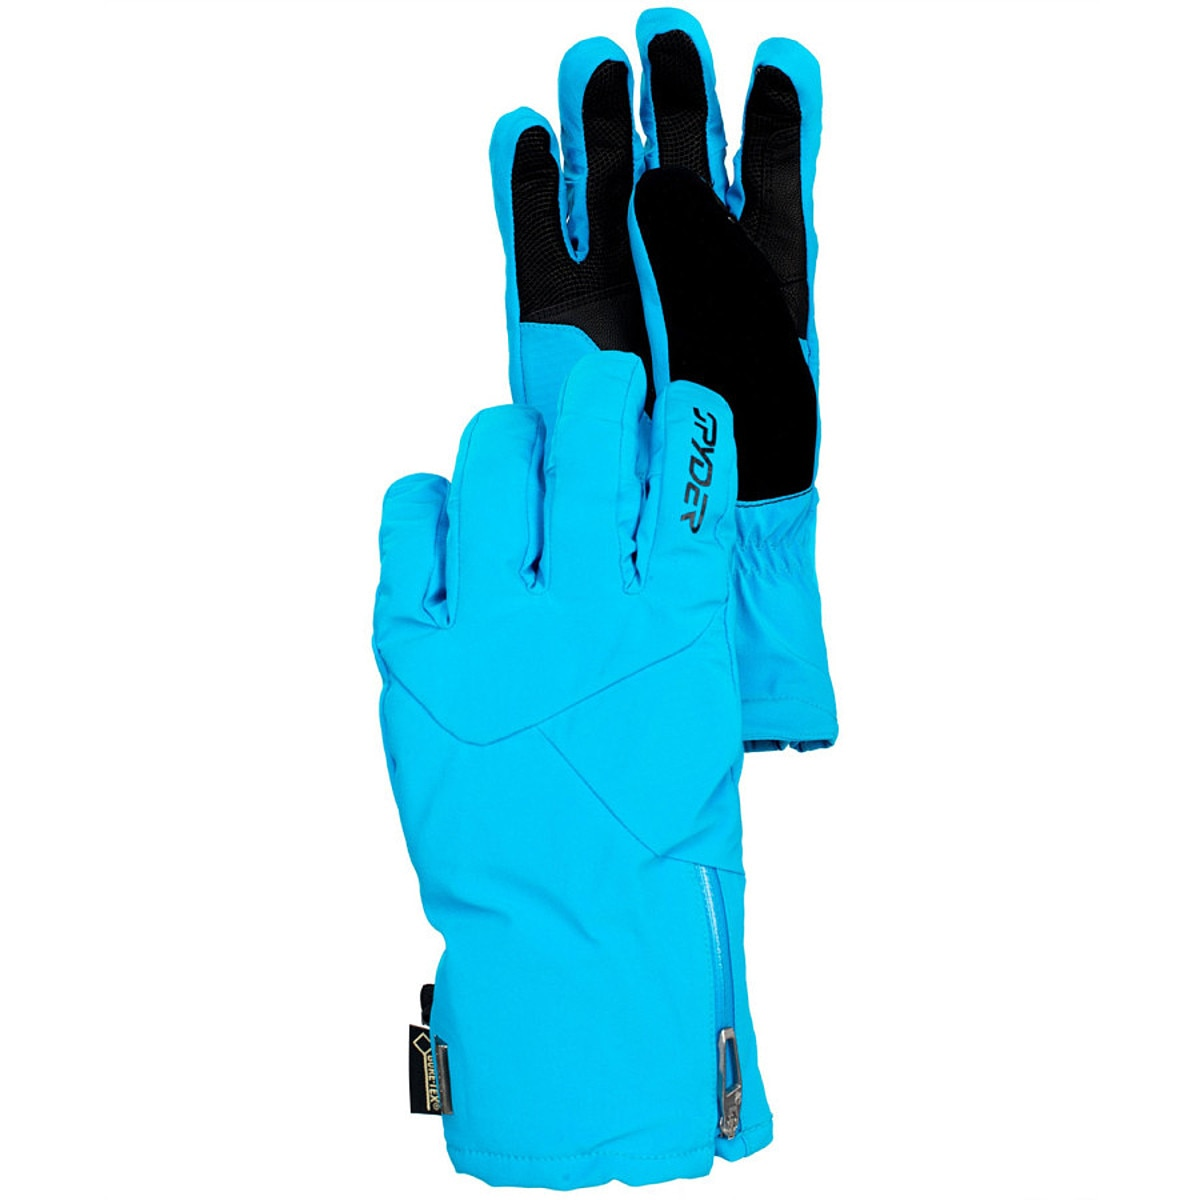 Spyder Sestriere Gore-Tex Glove